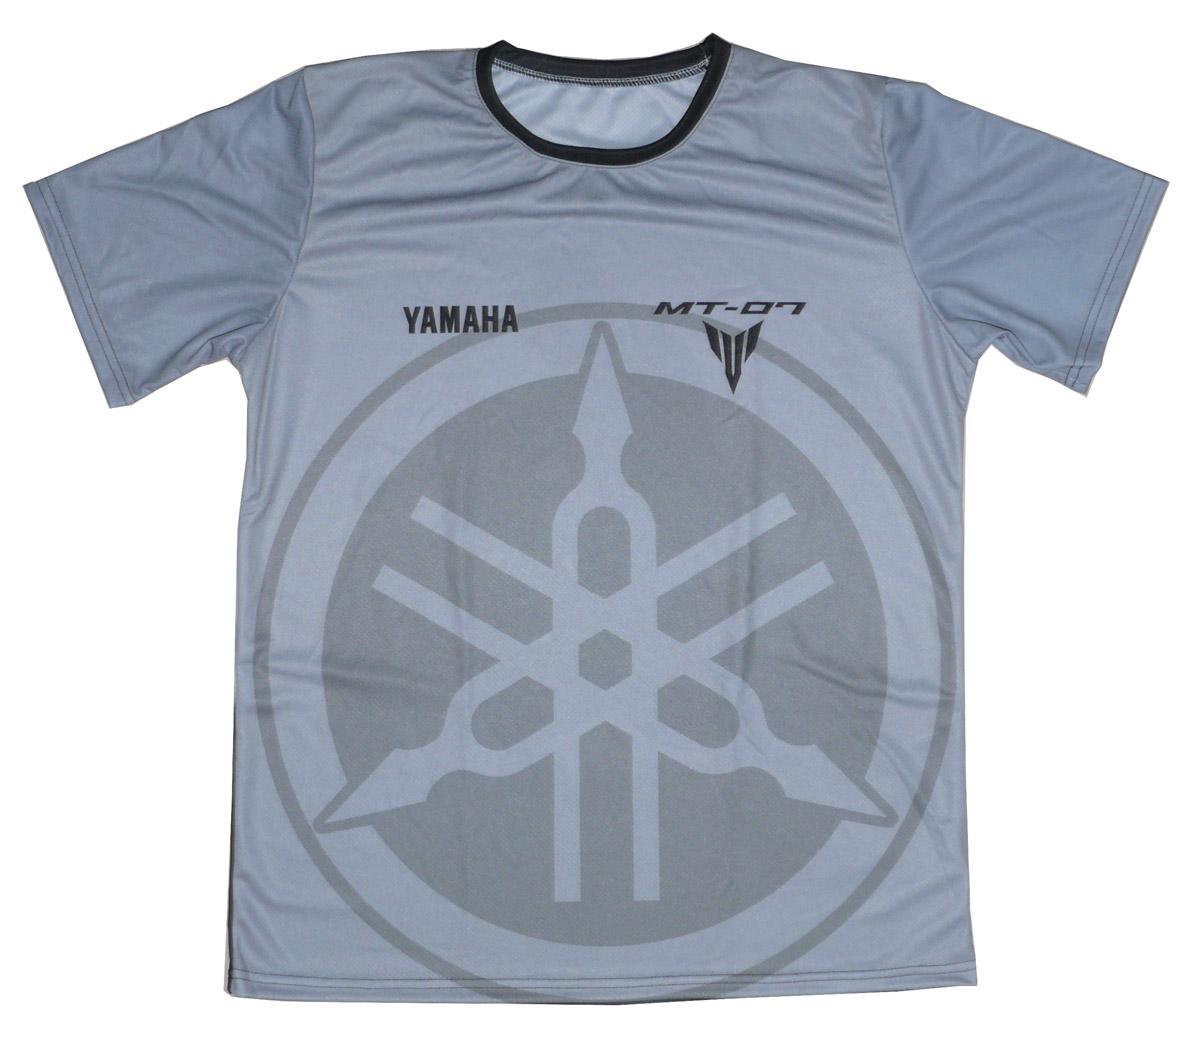 yamaha mt 07 fz 07 2014 2015 2016 shirt